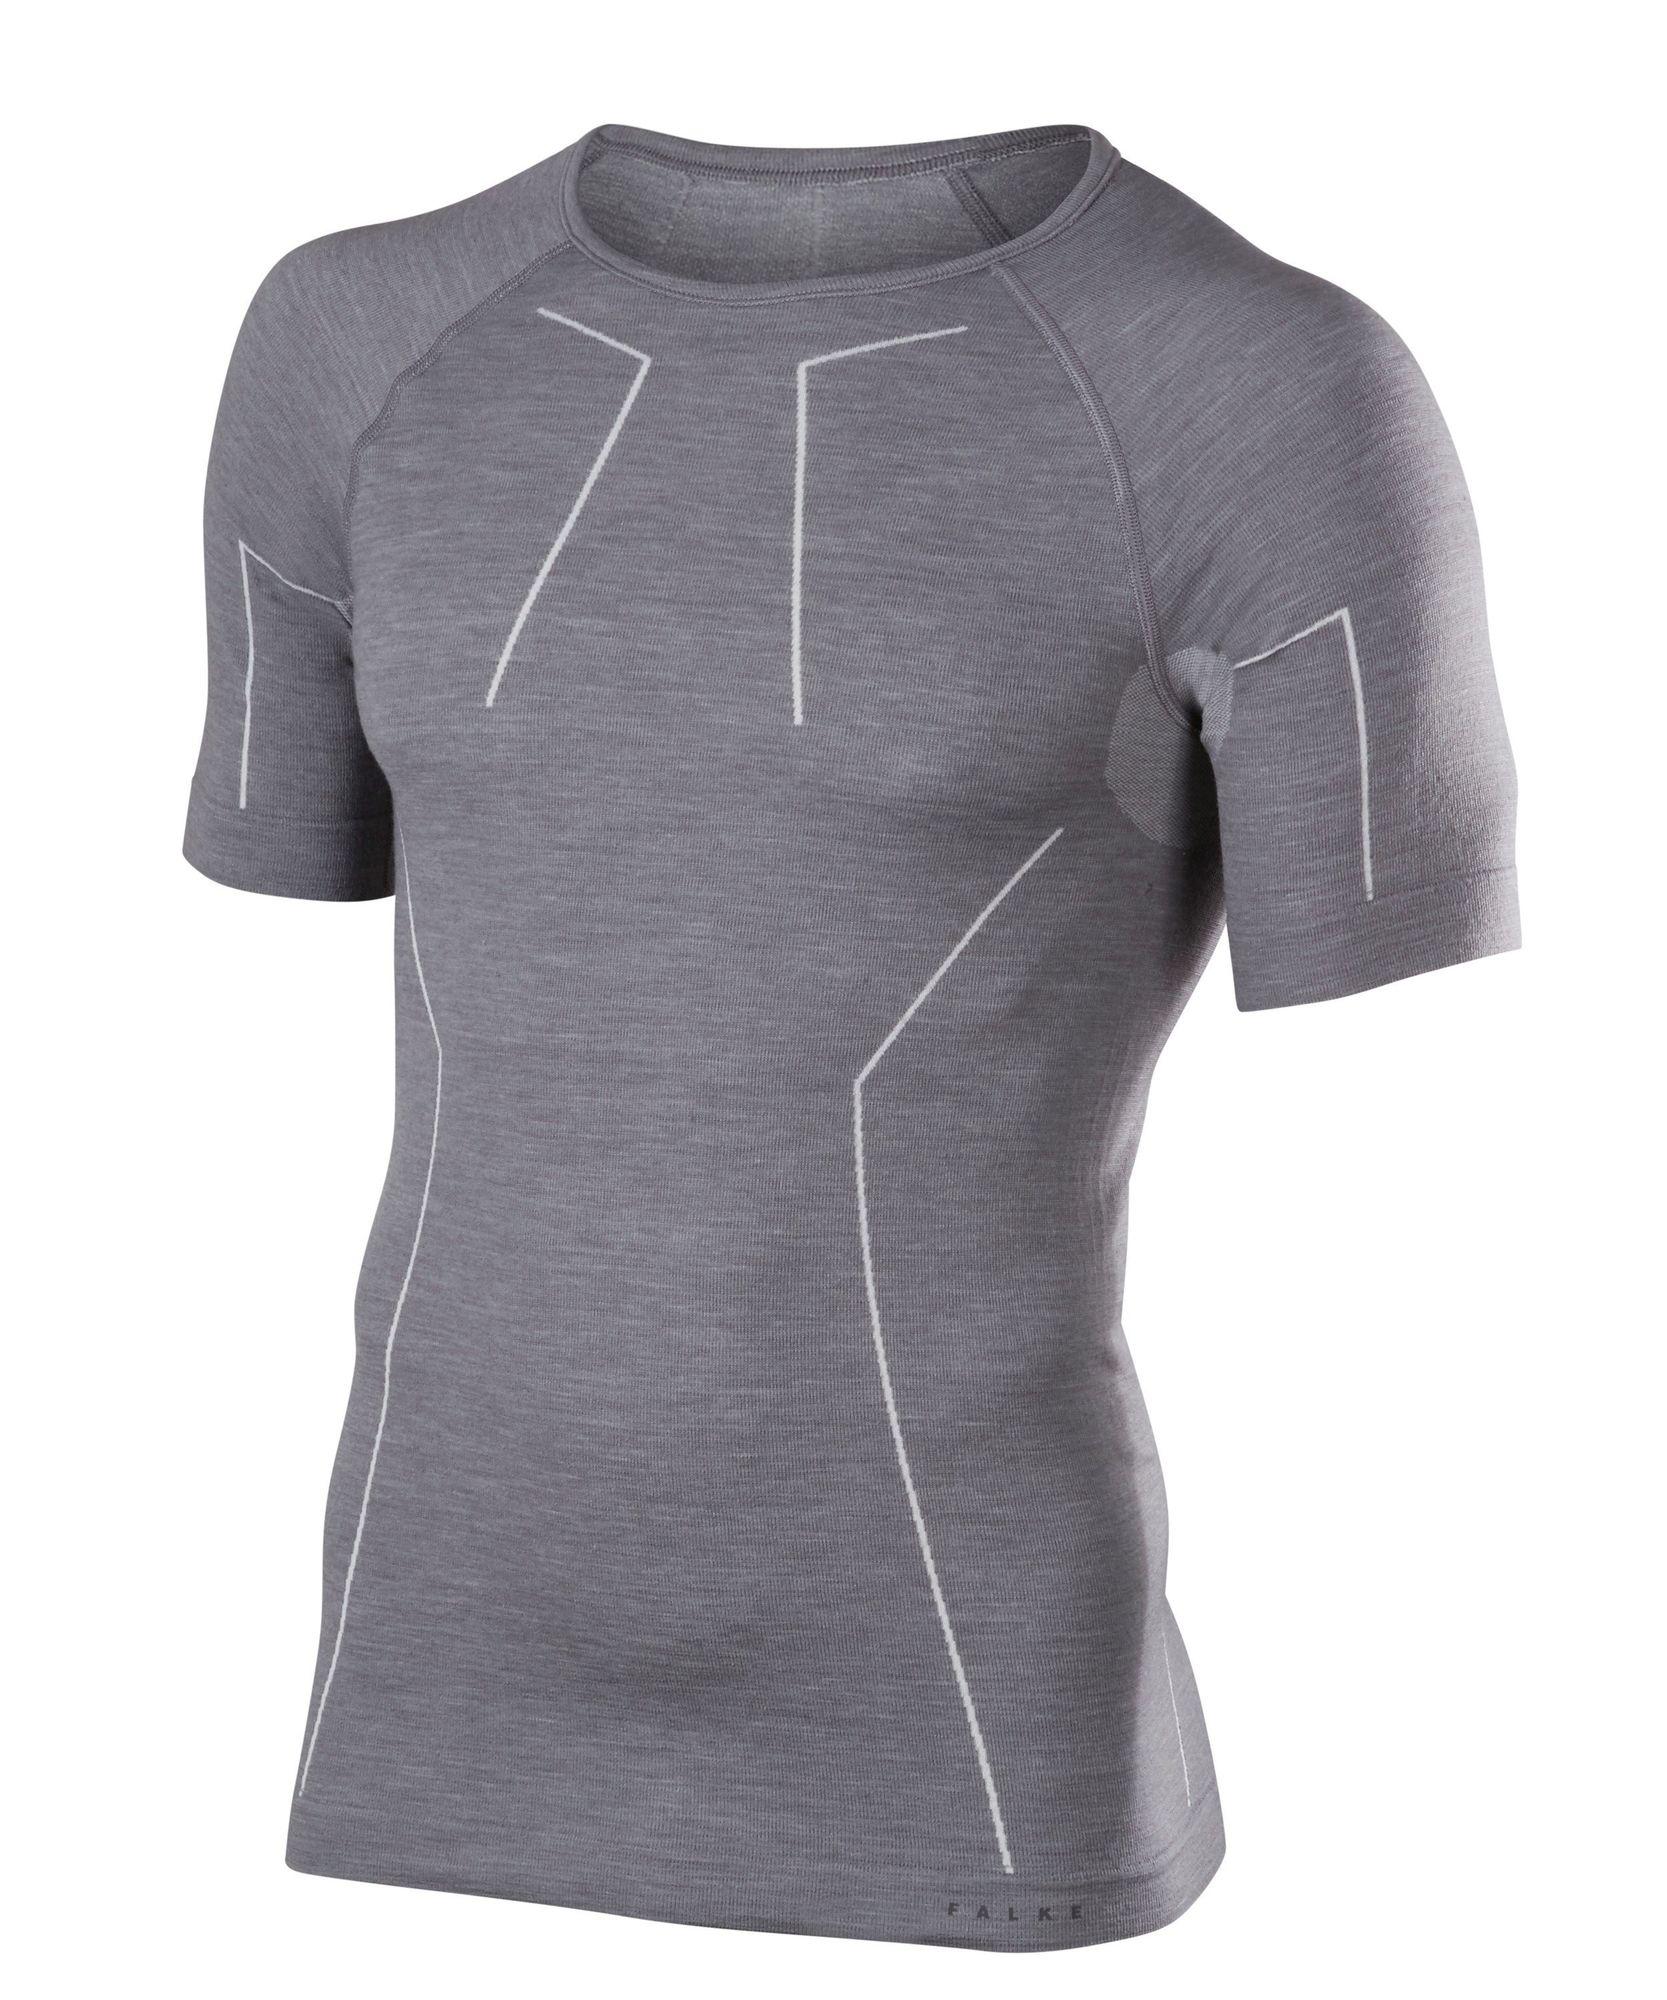 Falke Kurzarmshirt Wool-Tech in Grau